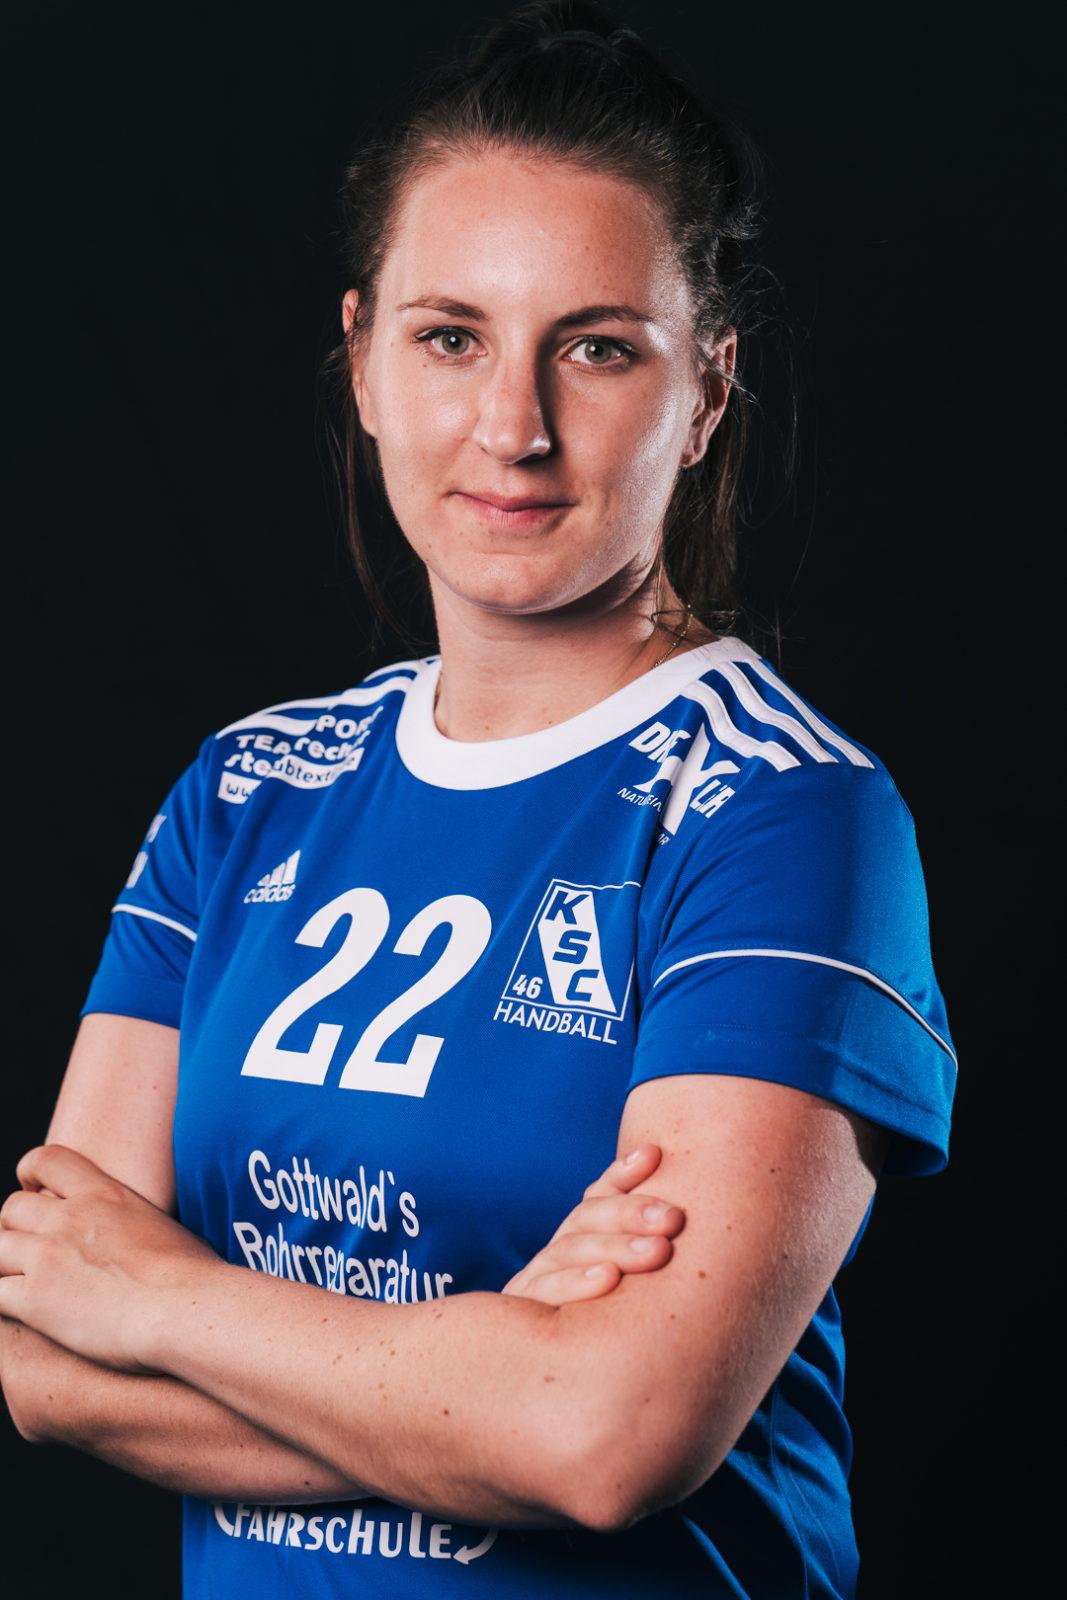 Franziska Osterhuber